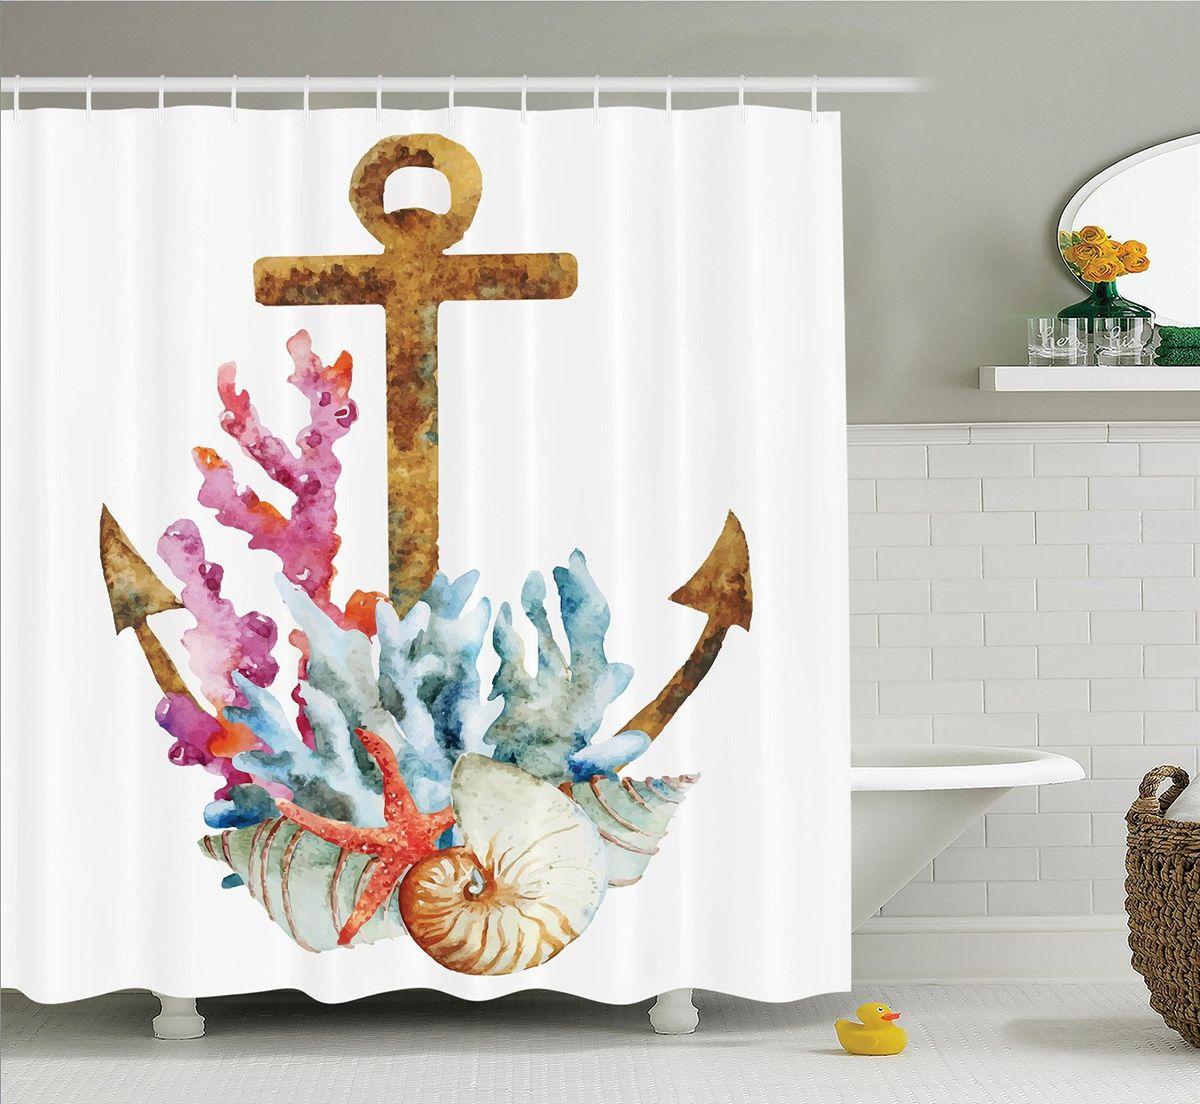 Штора для ванной комнаты Magic Lady Якорь, кораллы и ракушки, 180 х 200 смшв_11058Штора Magic Lady Якорь, кораллы и ракушки, изготовленная из высококачественного сатена (полиэстер 100%), отлично дополнит любой интерьер ванной комнаты. При изготовлении используются специальные гипоаллергенные чернила для прямой печати по ткани, безопасные для человека. В комплекте: 1 штора, 12 крючков. Обращаем ваше внимание, фактический цвет изделия может незначительно отличаться от представленного на фото.